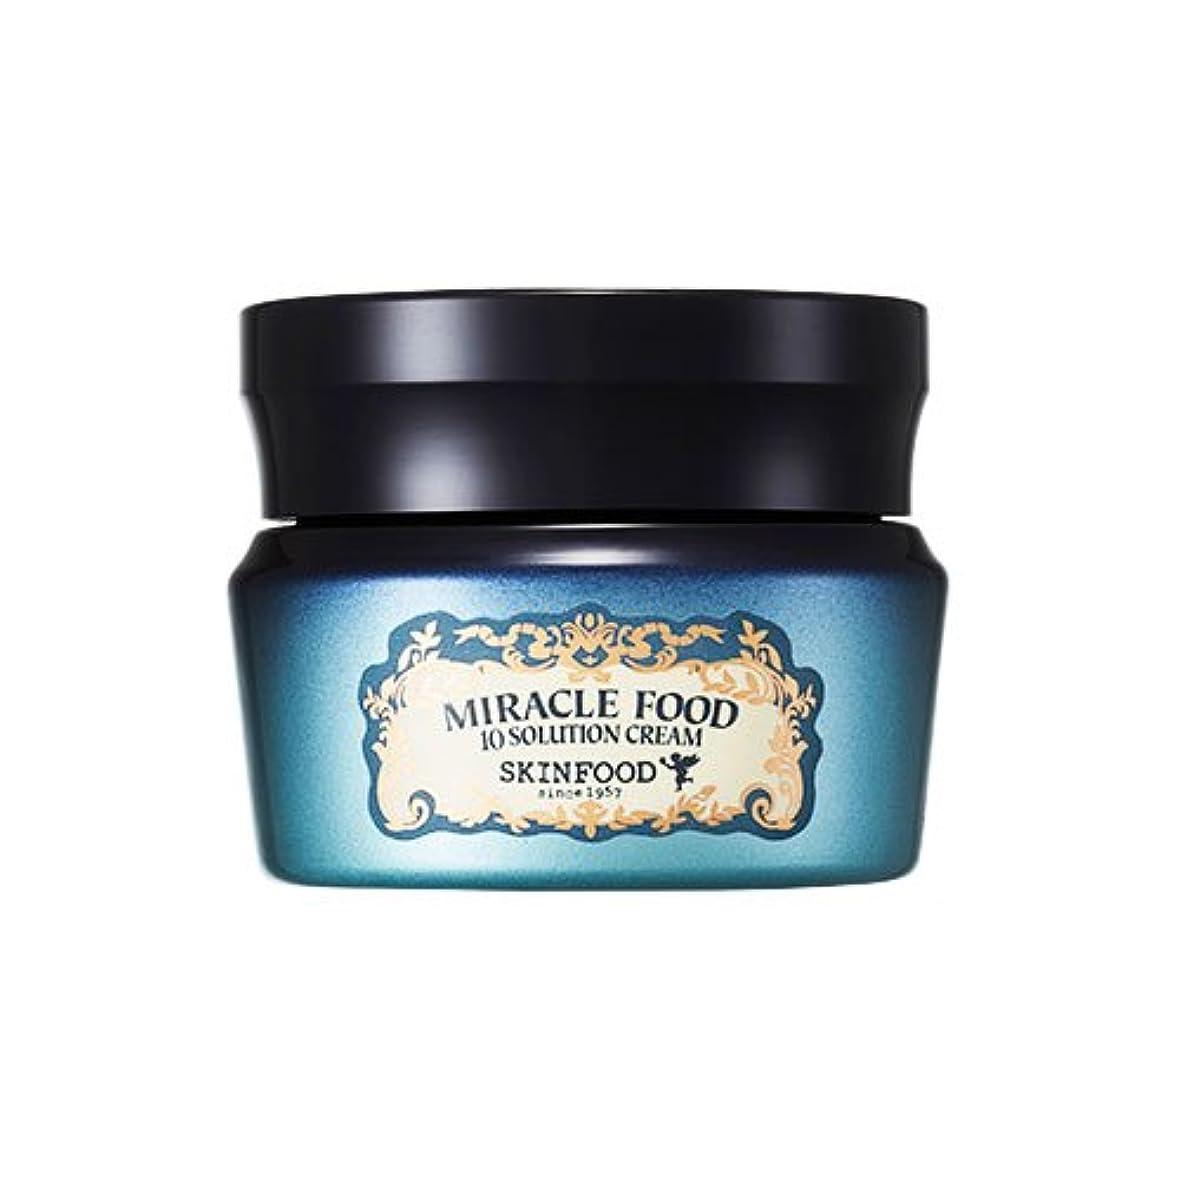 操作可能腕エールSkinfood ミラクルフード10ソリューションクリーム(美白効果としわ防止効果) / Miracle Food 10 Solution Cream (Skin-Brightening and Anti-Wrinkle Effects) 50g [並行輸入品]